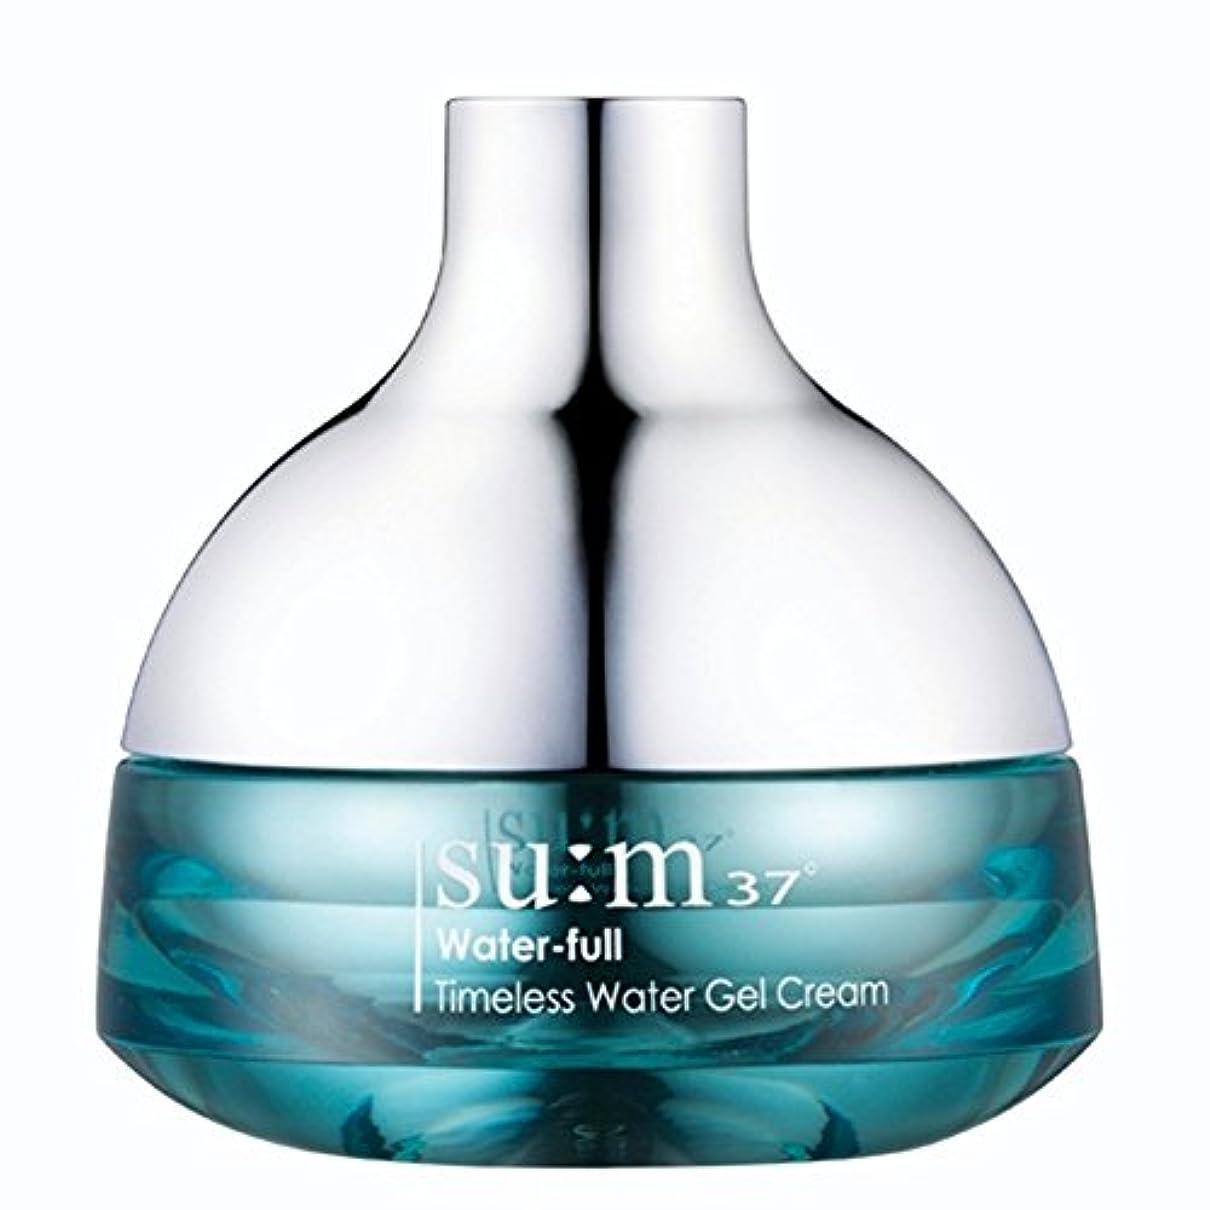 マチュピチュダブル無知su:m37/スム37° スム37 ウォーターフルタイムレスウォータージェルクリーム50ml (sum 37ºWater-full Timeless Water Gel Cream 50ml + Special Gift) スポット [海外直送品]